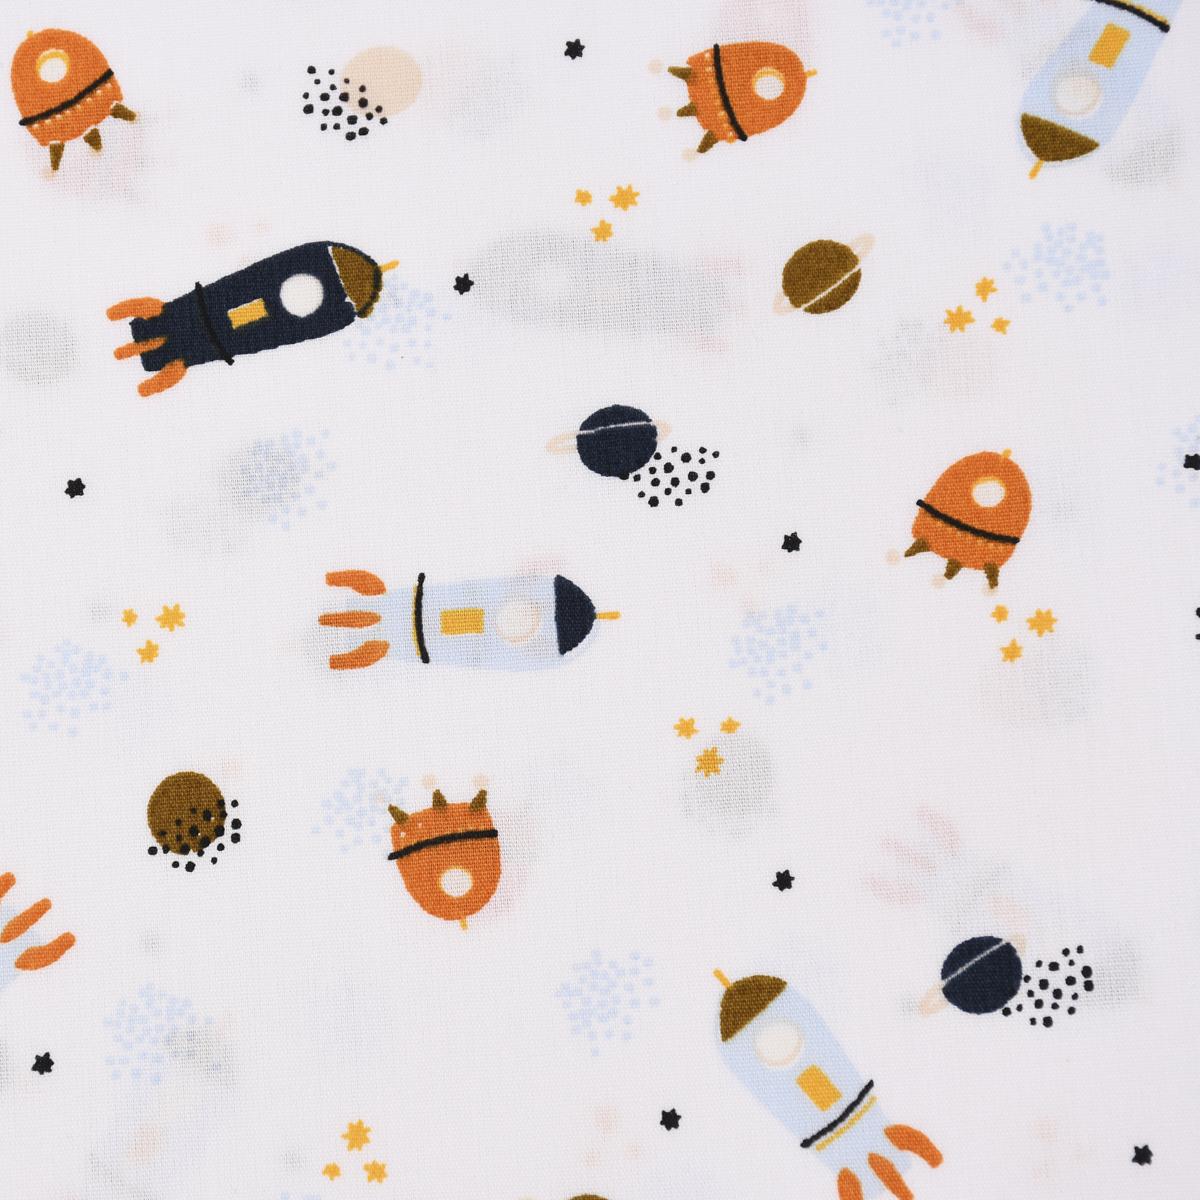 Baumwollstoff Popeline STRIPE AND SPACE Raketen Weltraum weiß hellblau orange 1,45m Breite